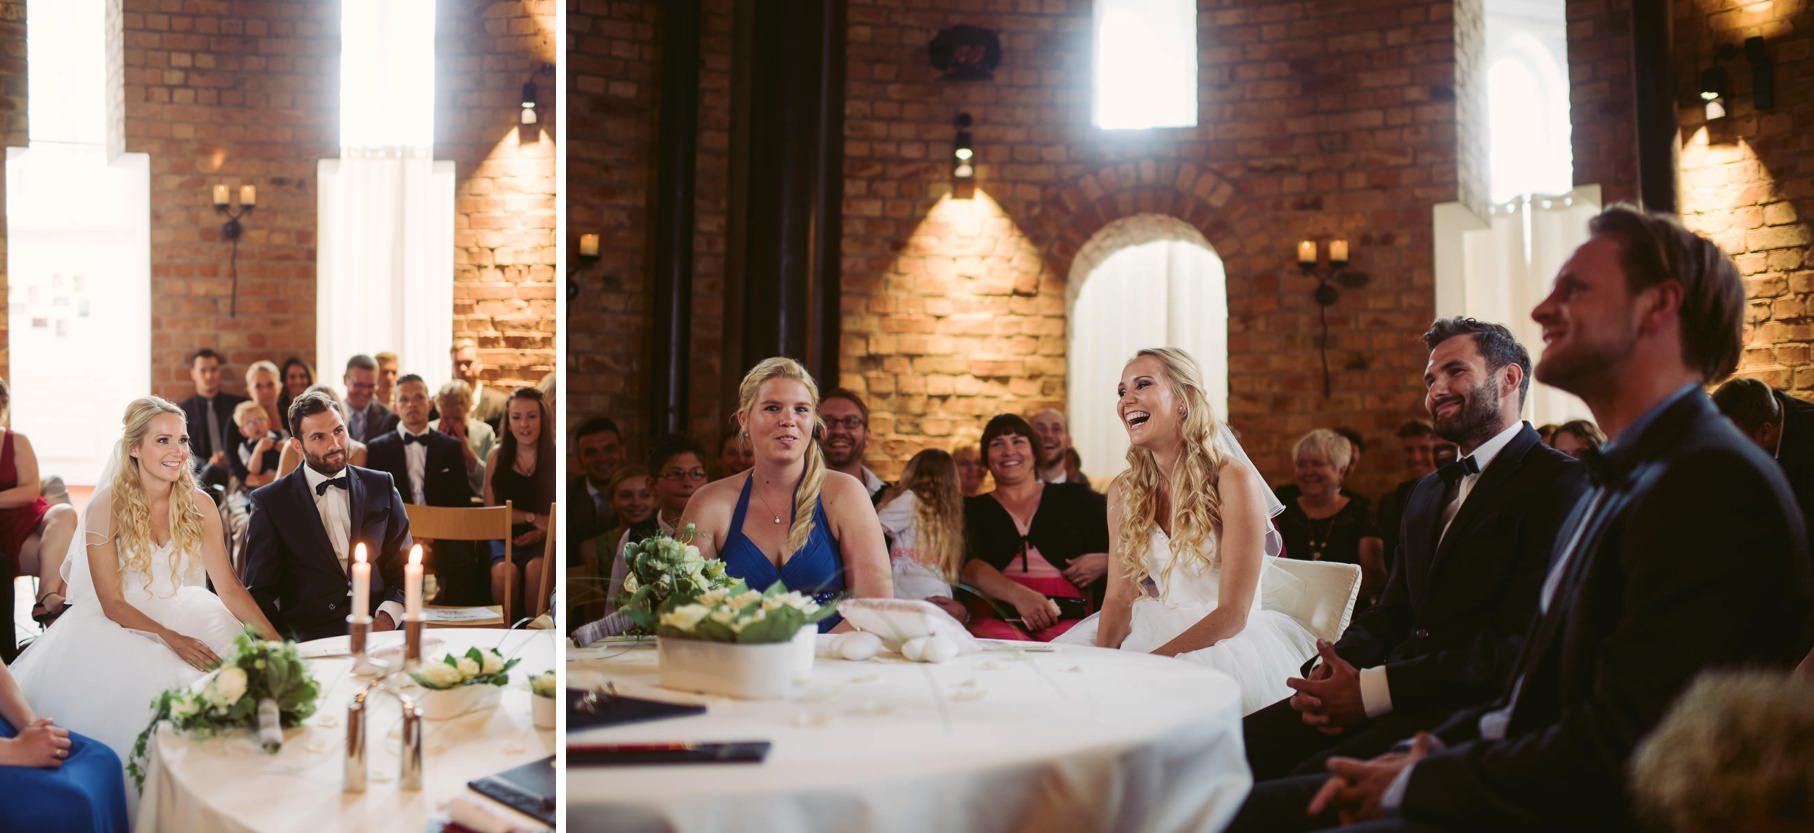 0028 jus 812 8887 - Hochzeit im Wasserturm Lüneburg - Jenny & Sascha